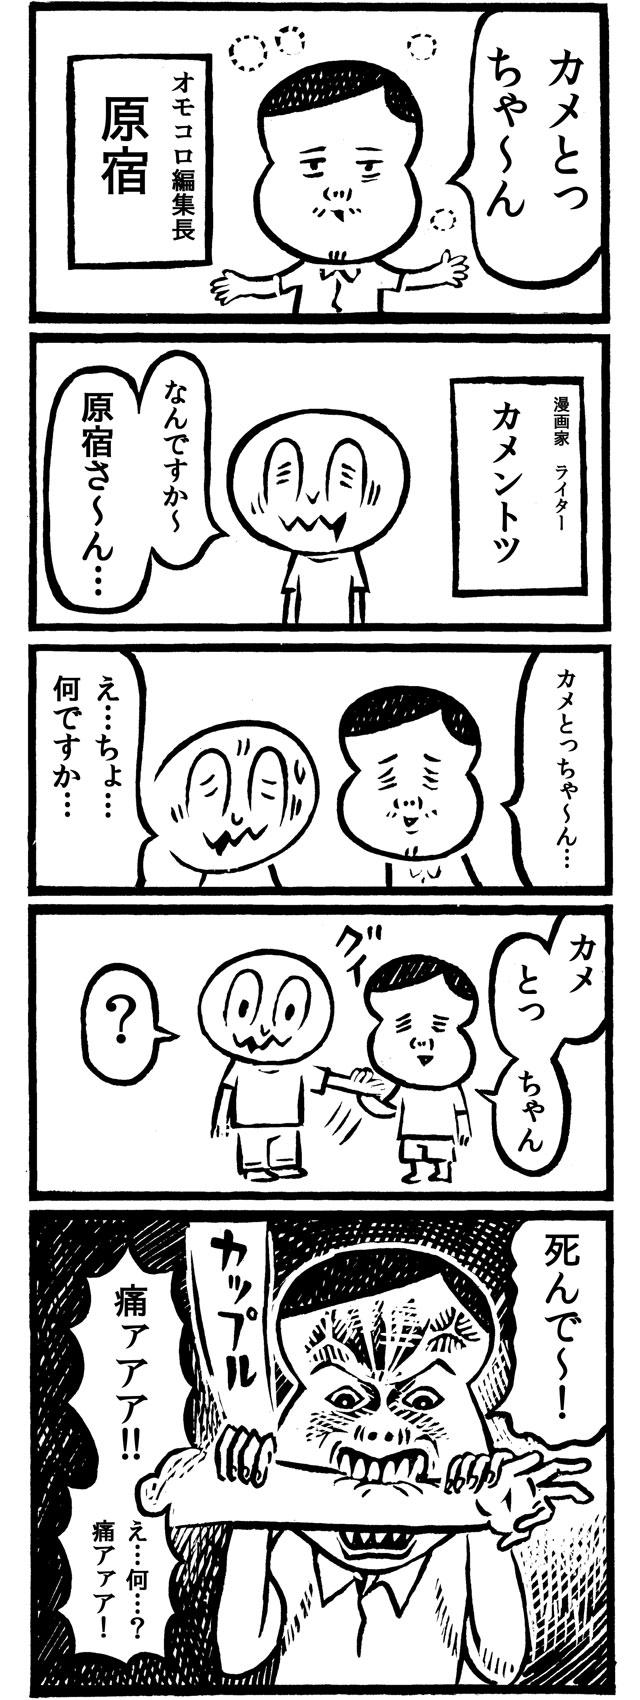 danziki 1